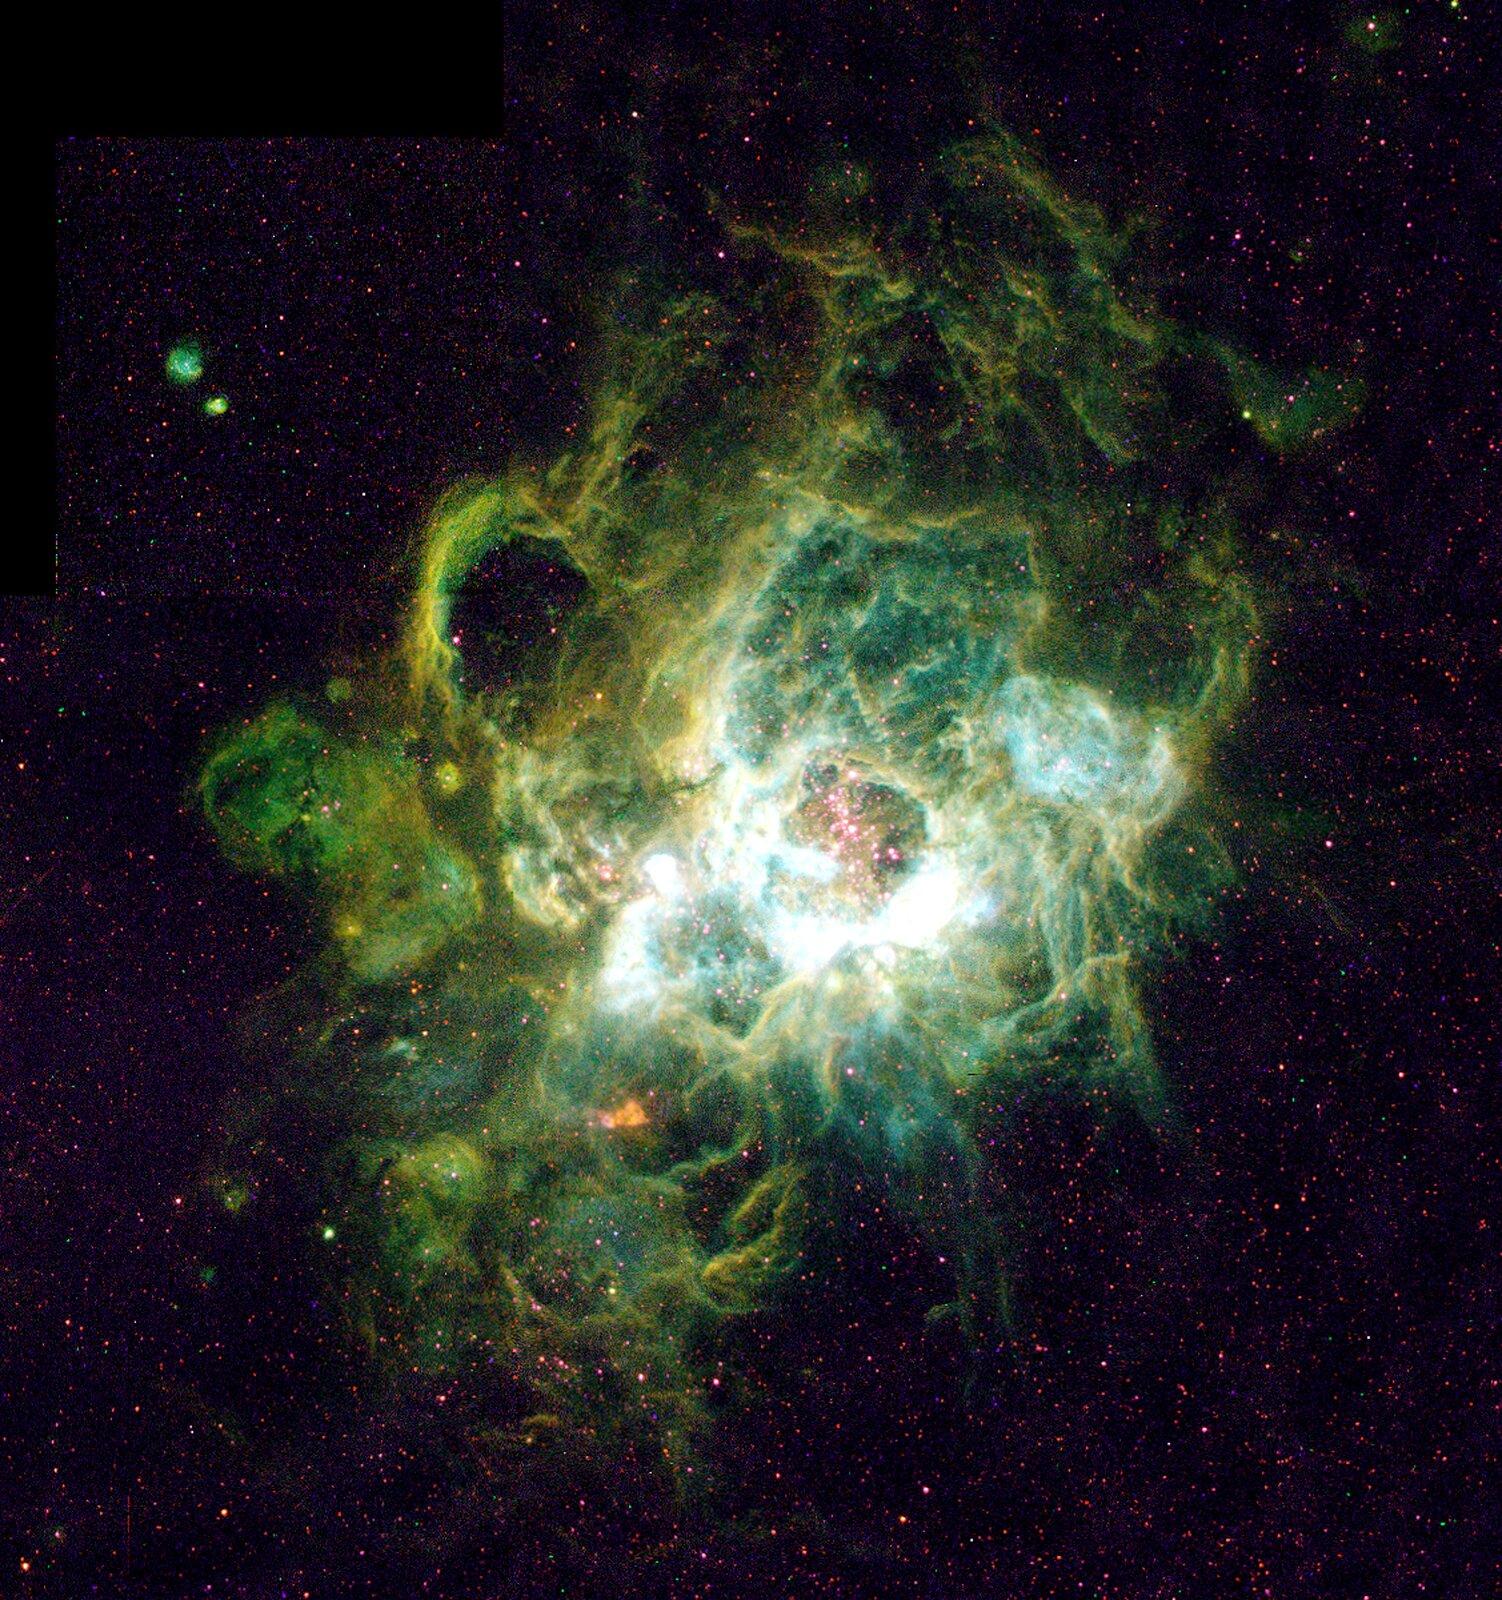 Grafika przedstawia mgławicę gazową wgwiazdozbiorze trójkąta. Tło czarne. Mgławica wygląda jak obłoki wkolorach od morsko-zielonego, poprzez seledynowy aż do prawie białego.